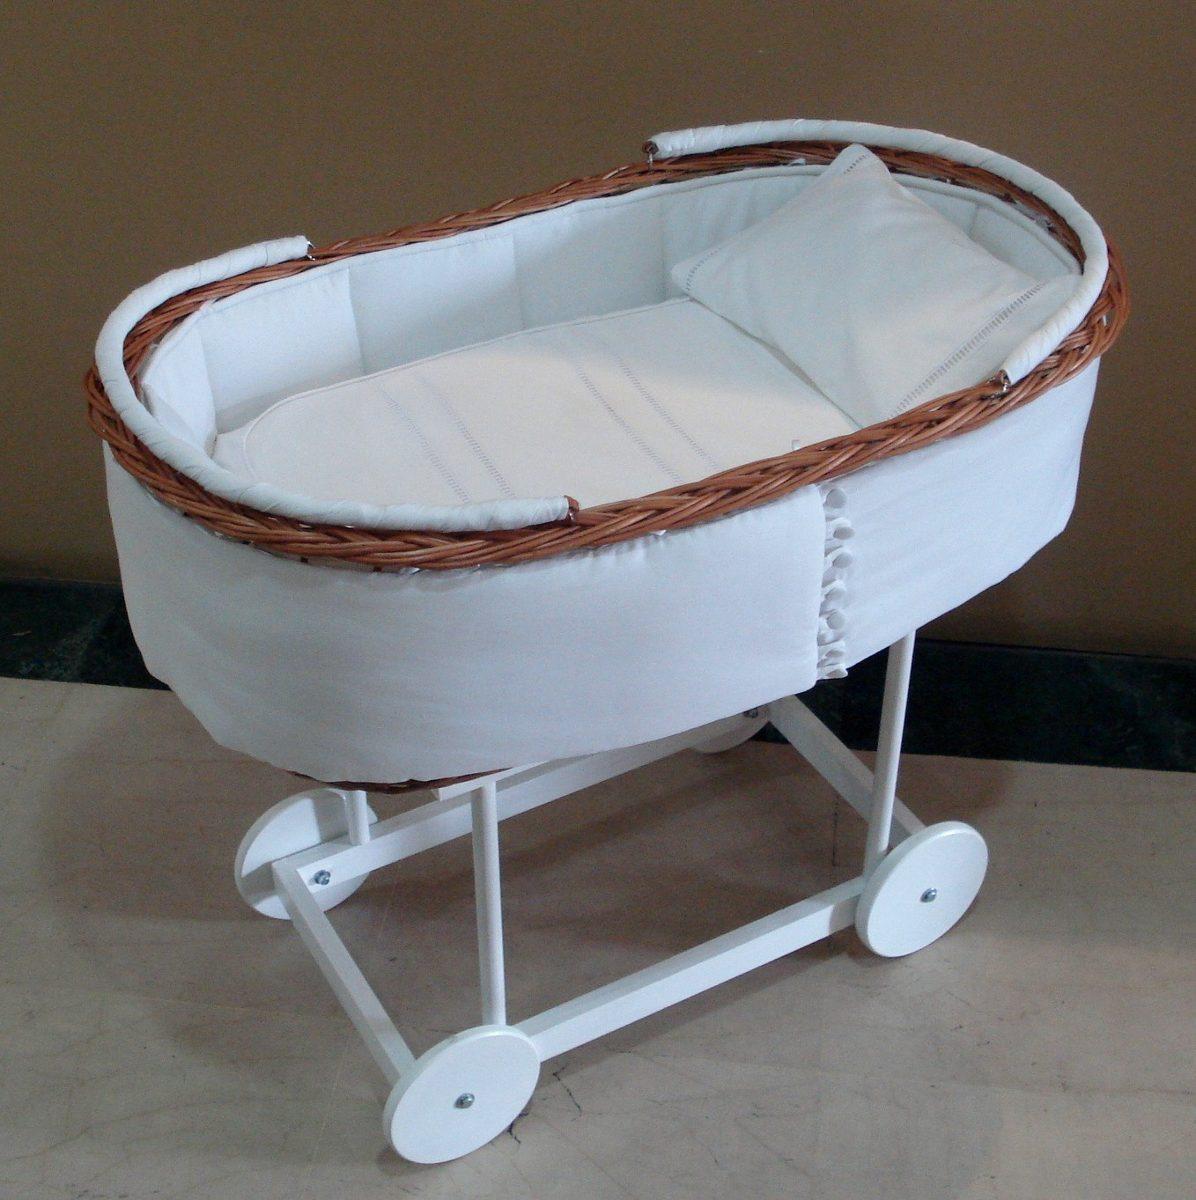 Cunas con ruedas para bebes excellent tectake cambiador for Moises bebe ikea